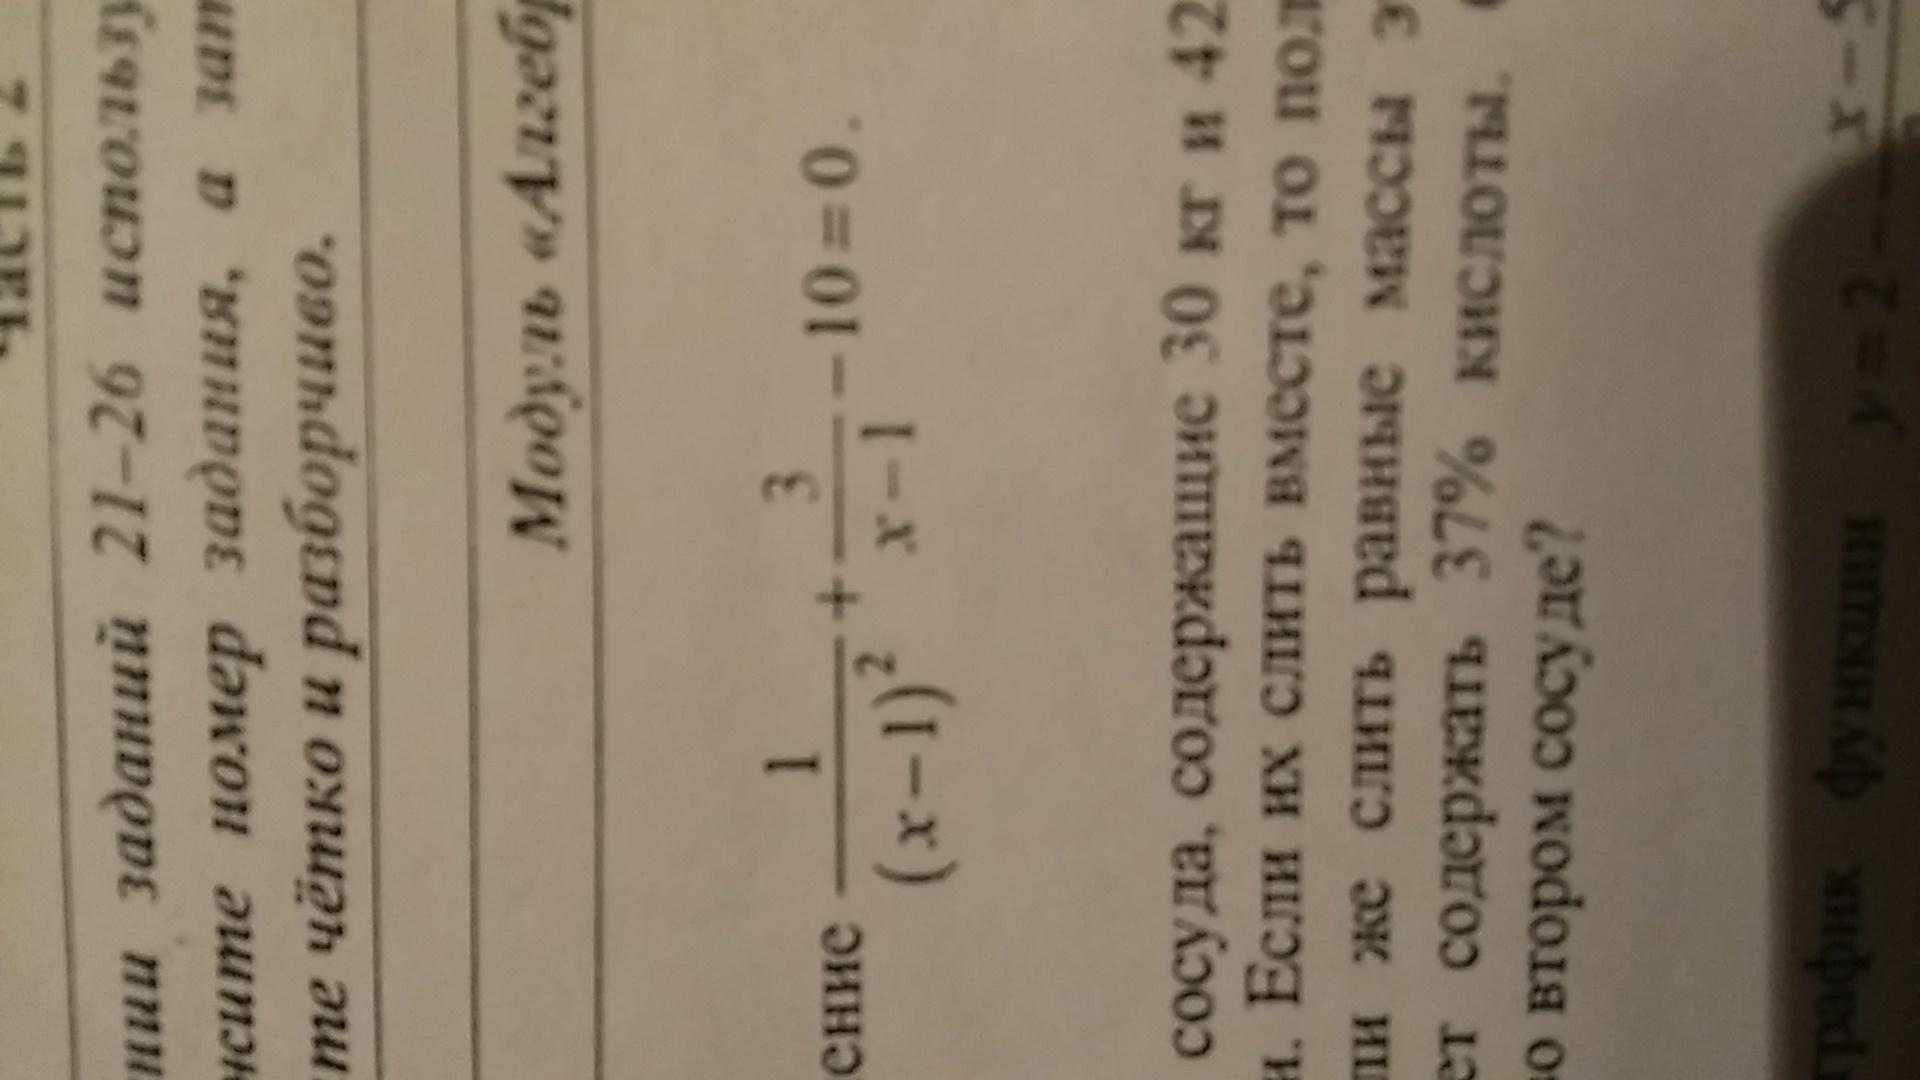 Решите пожалуйста уравнение?